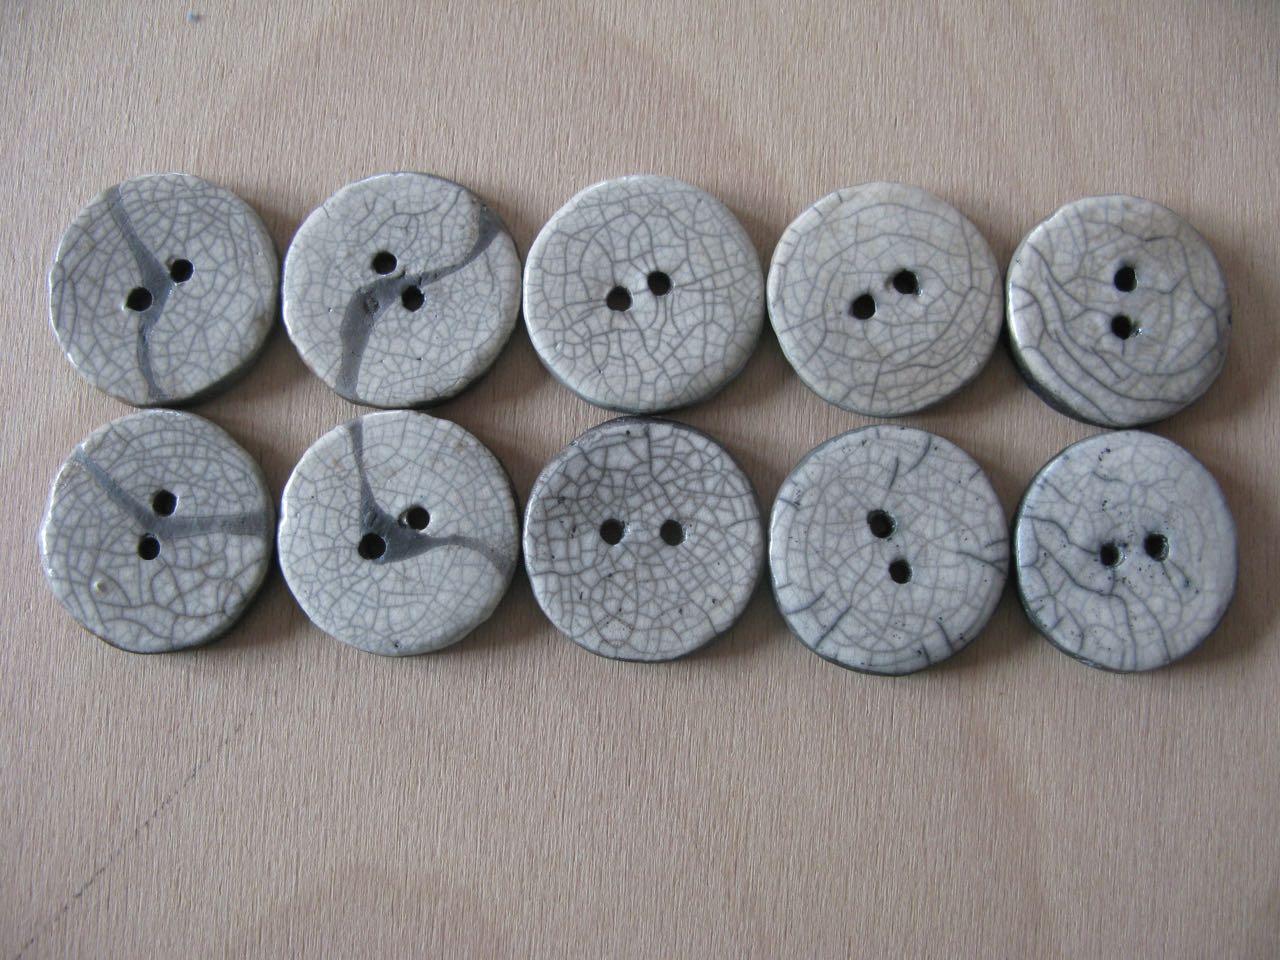 siebensachen zum selbermachen stoffspielereien im juni kn pfe. Black Bedroom Furniture Sets. Home Design Ideas